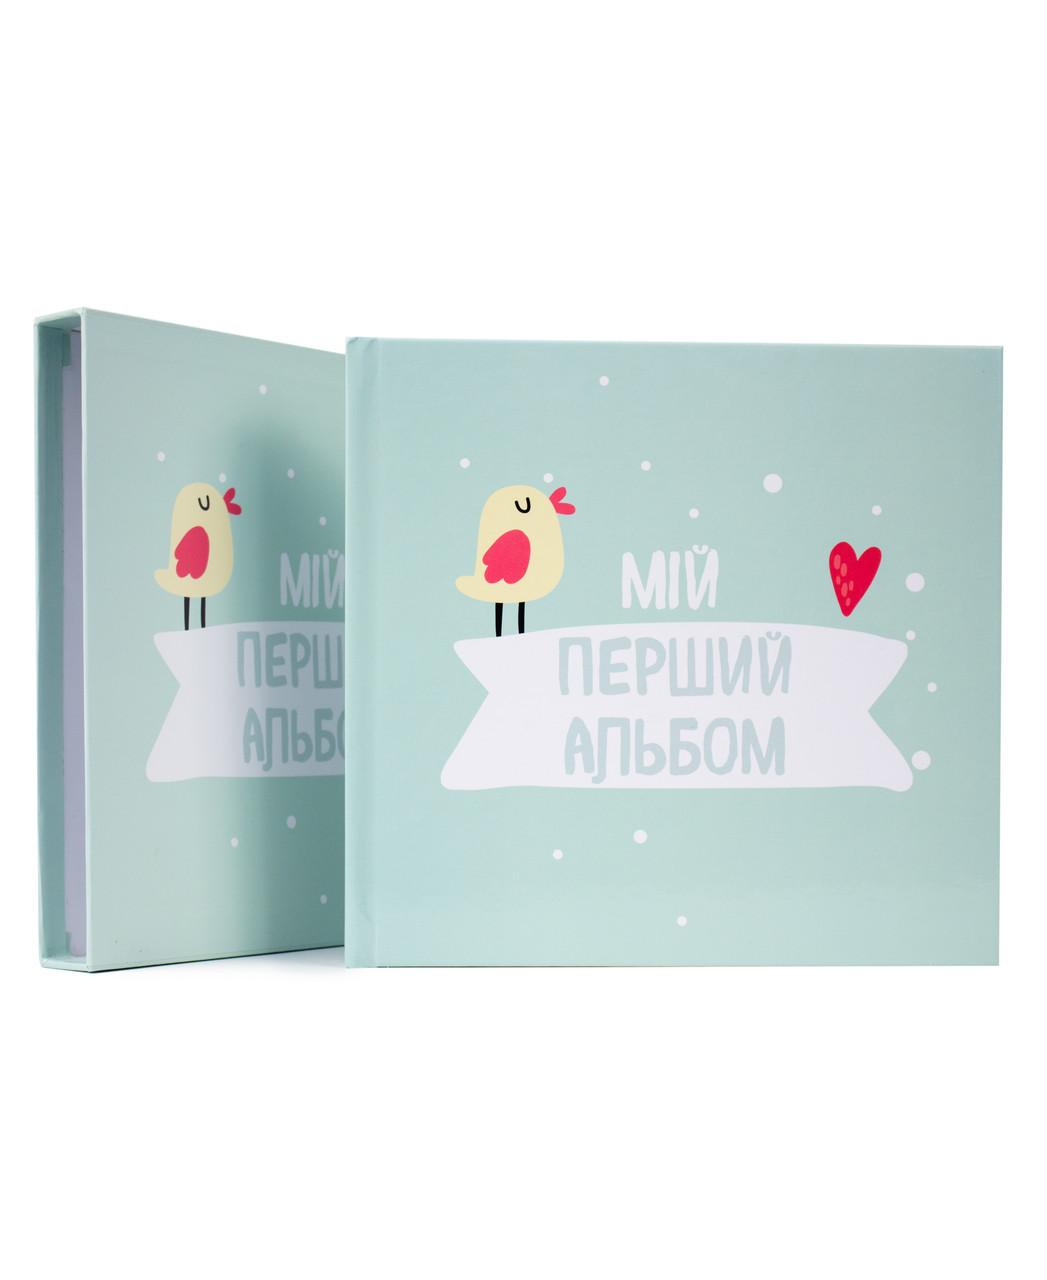 """Фотоальбом """"Мій перший альбом"""" Baby book"""